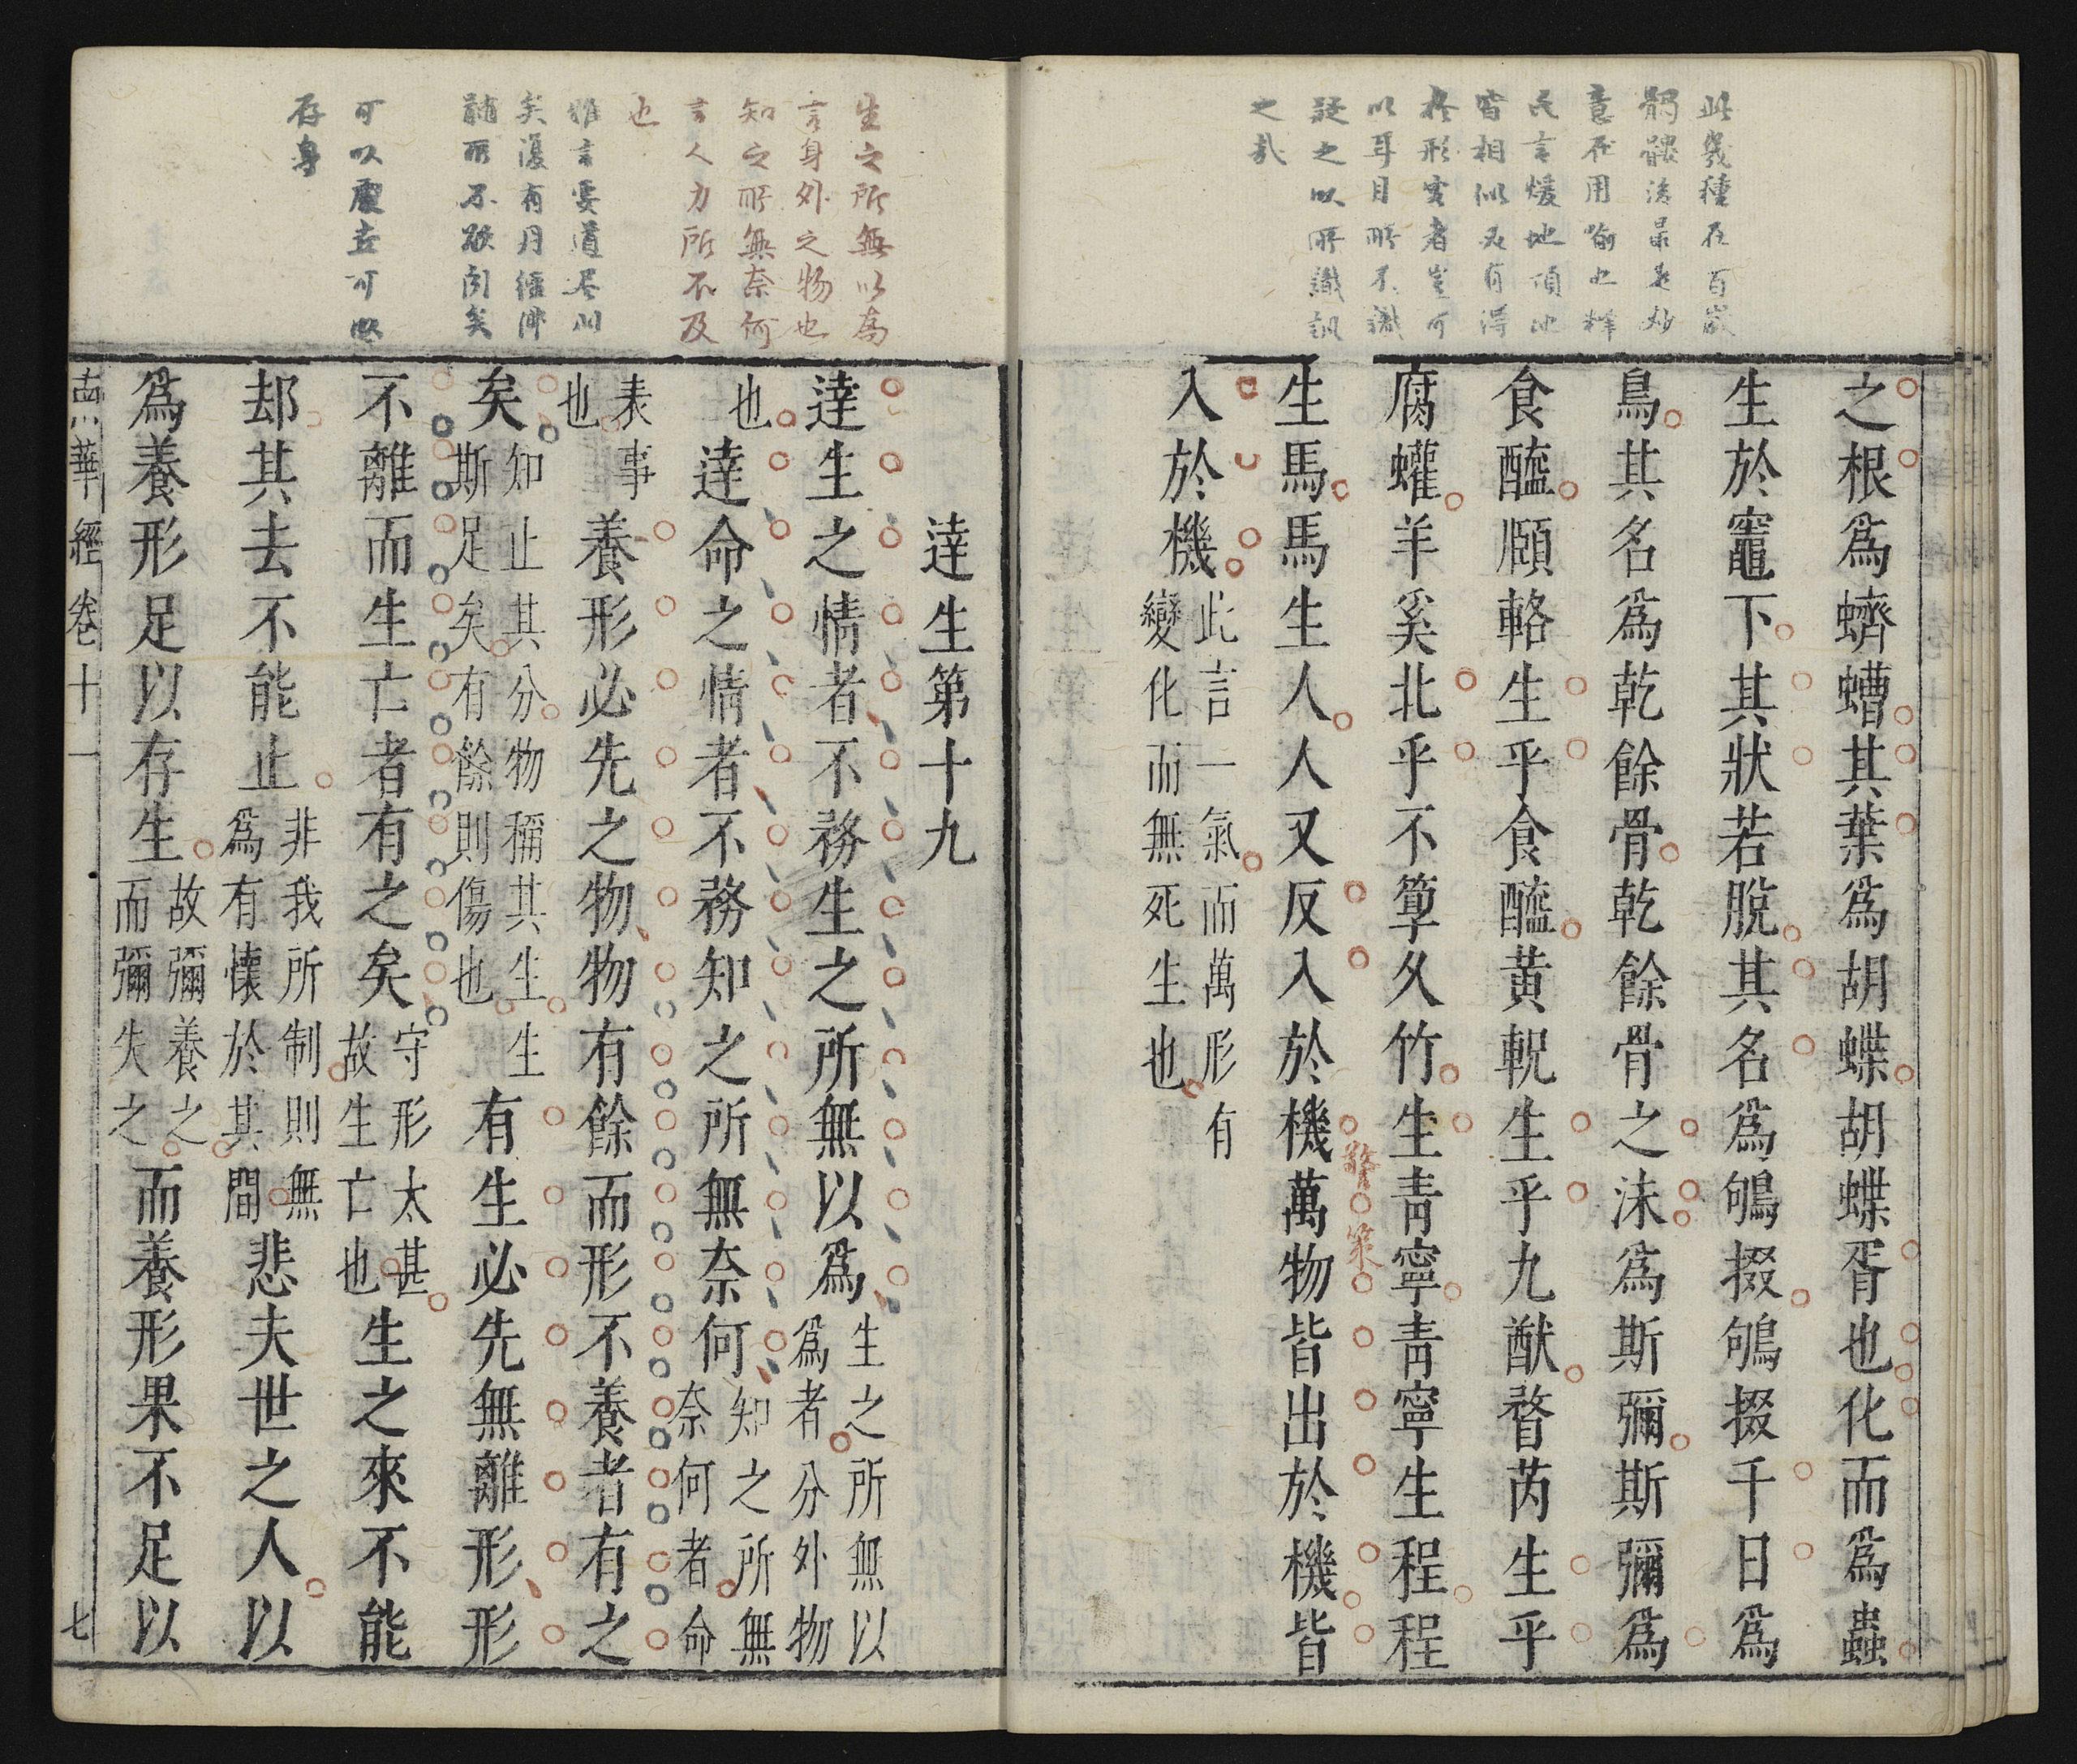 Nanhuajing 南華經 ou classique de Nanhua (texte du Zhuangzi 莊子). Edition polychrome du début du xviie siècle. Cote SB 3602.